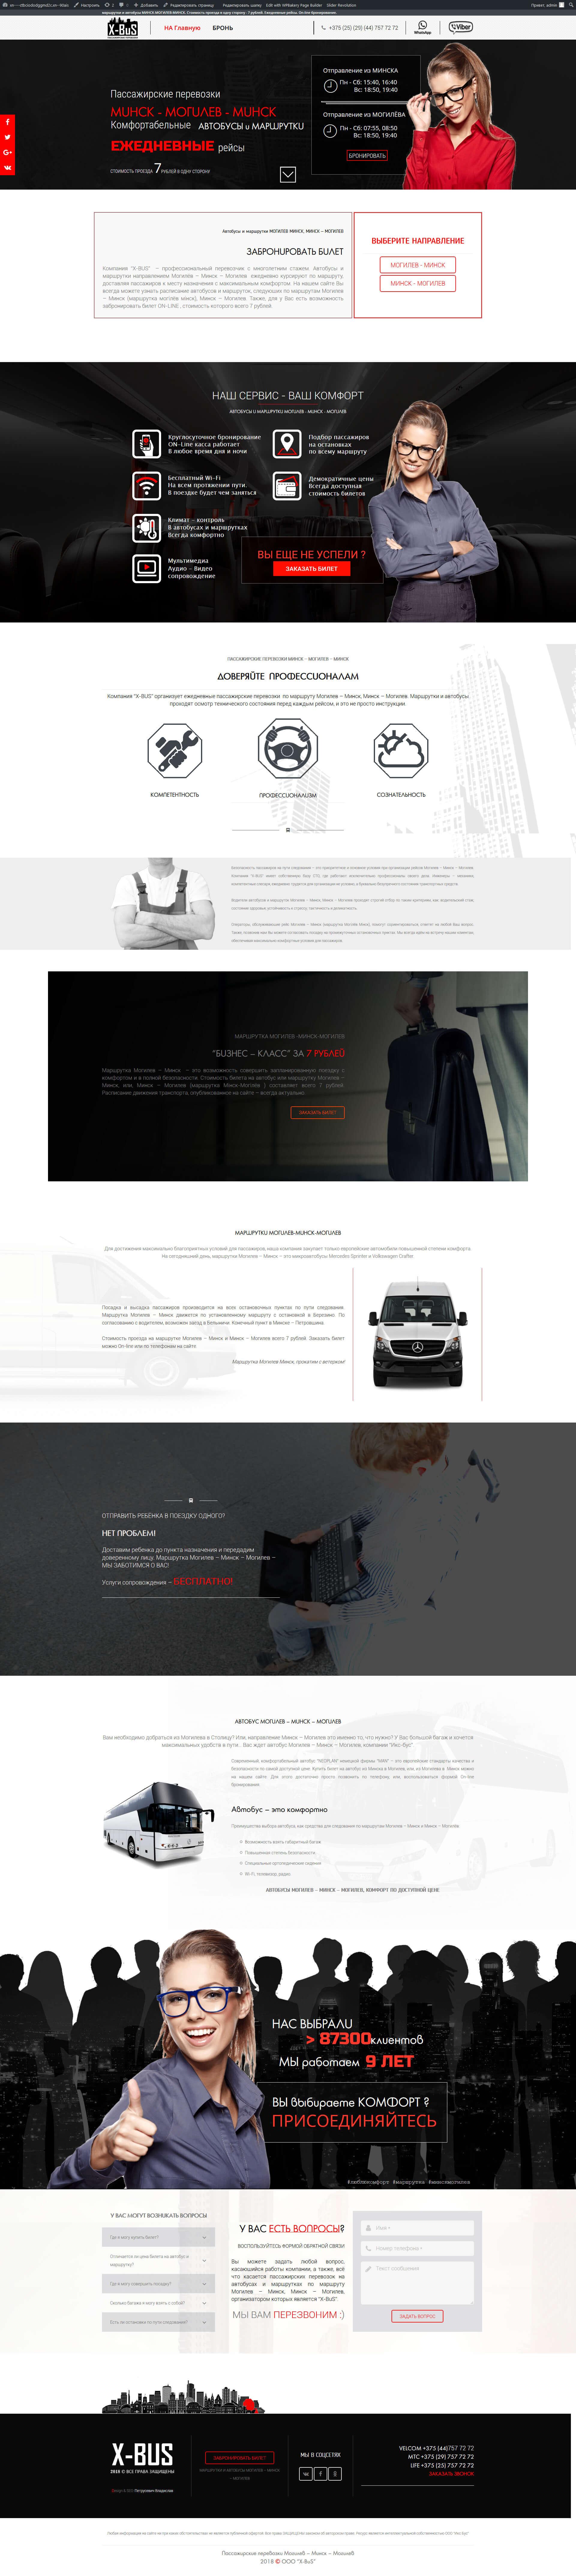 сайт перевозчика X-BUS